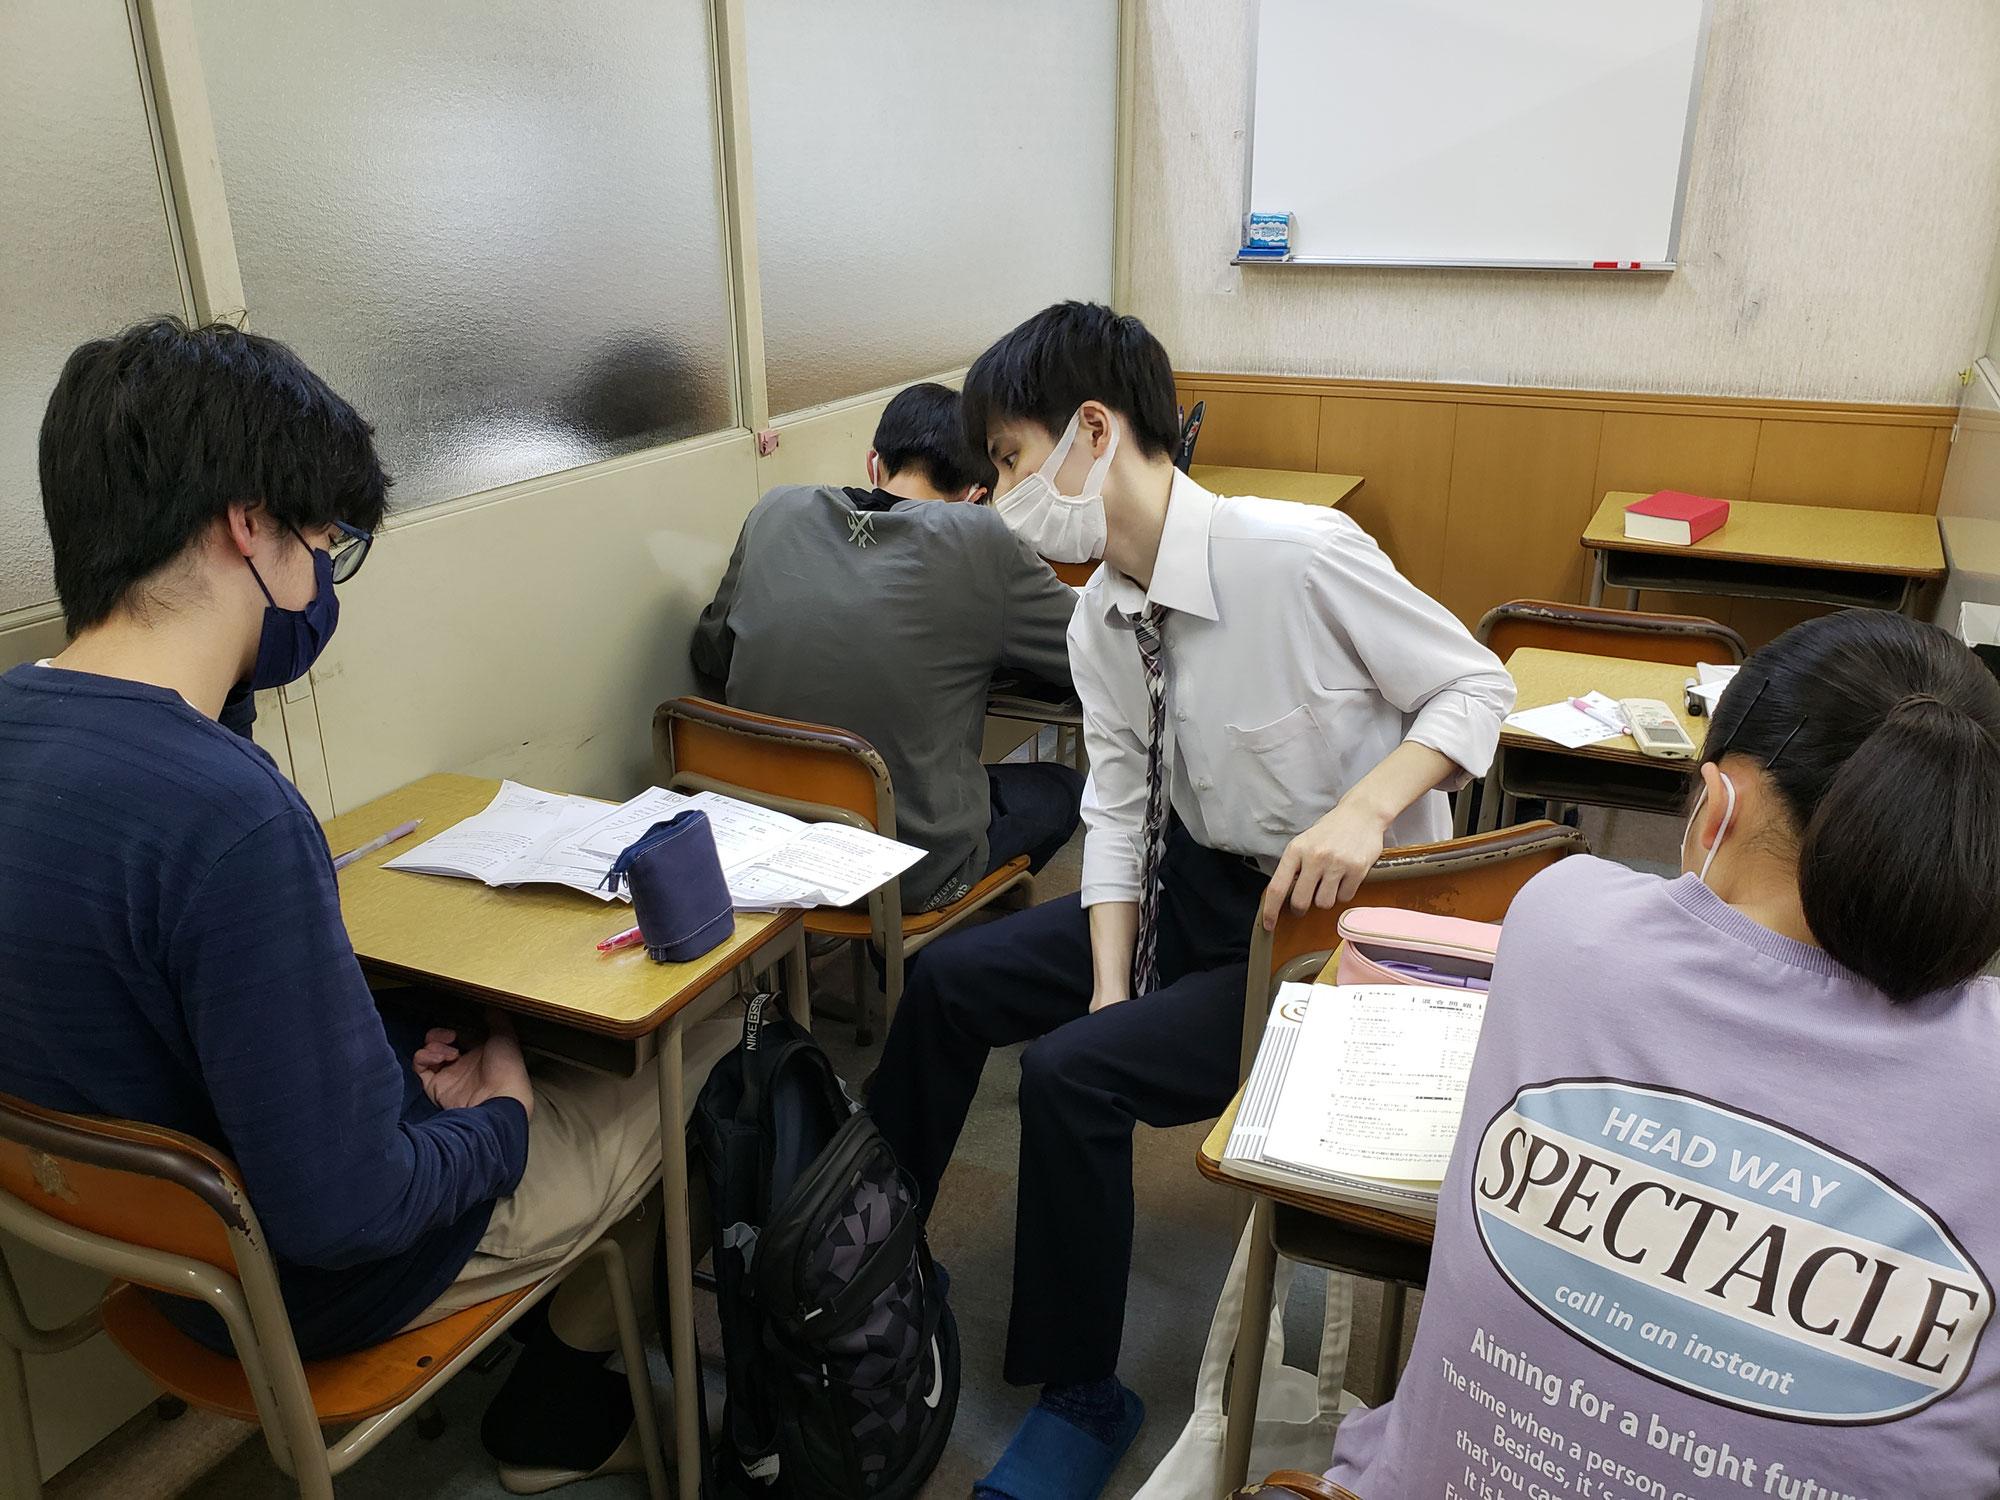 期末テストに向けてみんなトレーニング学習頑張ってます。「学ぶ技術」が身についていきますよ^_^